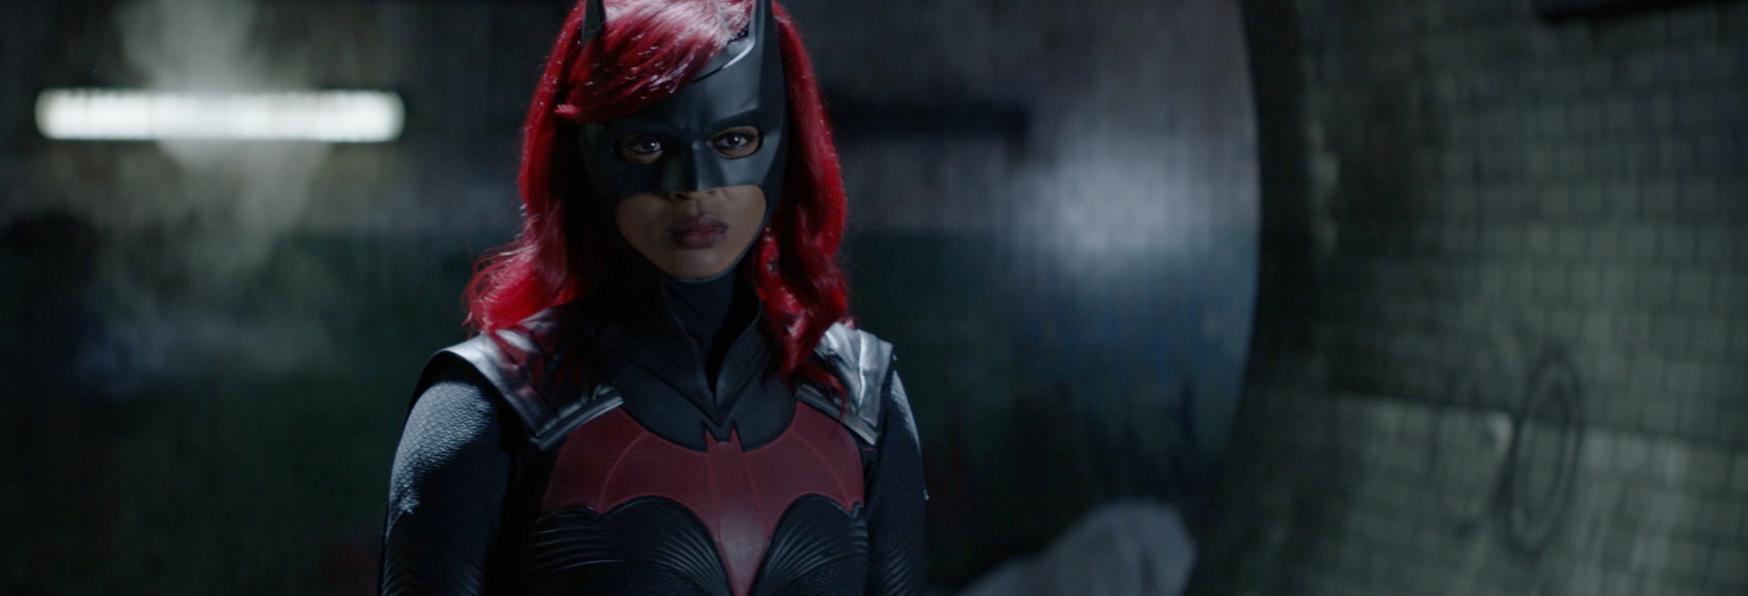 Batwoman 2: Rilasciata la Sinossi Ufficiale del Sesto Episodio della nuova Stagione